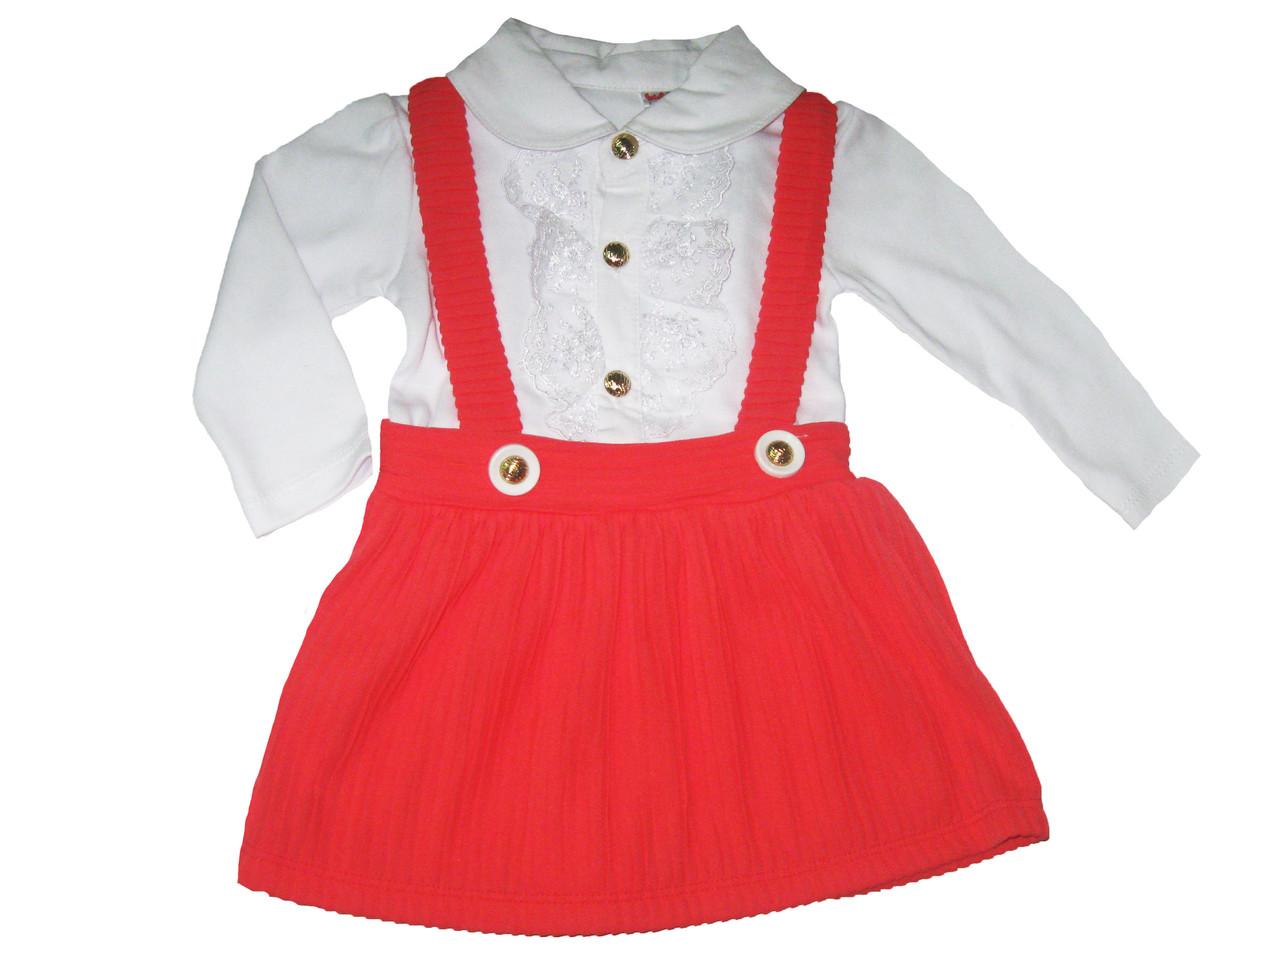 Платье нарядное для девочек, размеры 74, 80, 86 р., арт. 246